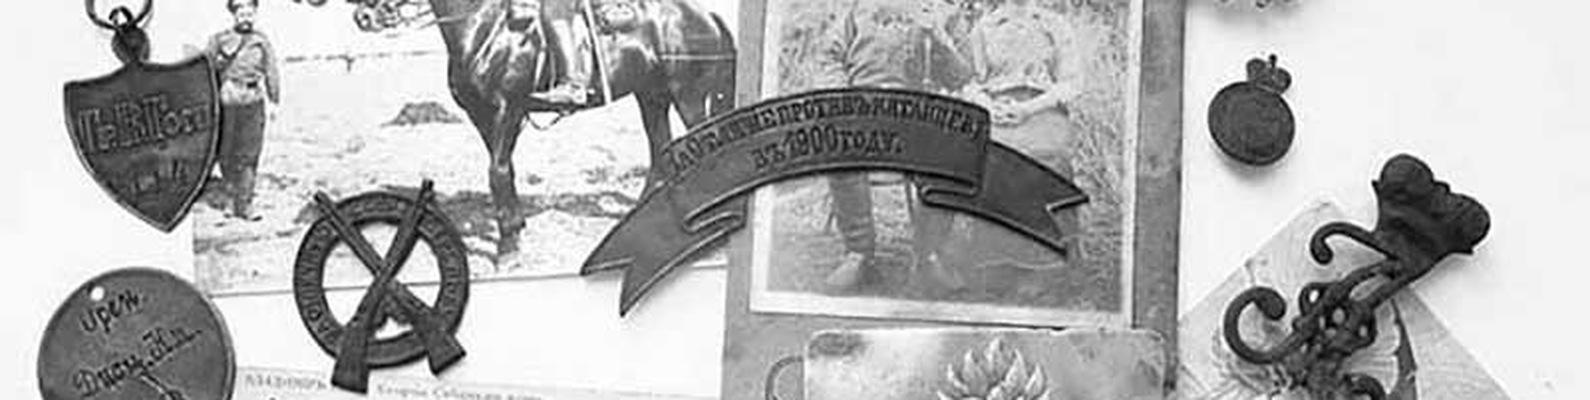 Сообщество Коллекционеров |Антиквариат|Оценка | ВКонтакте